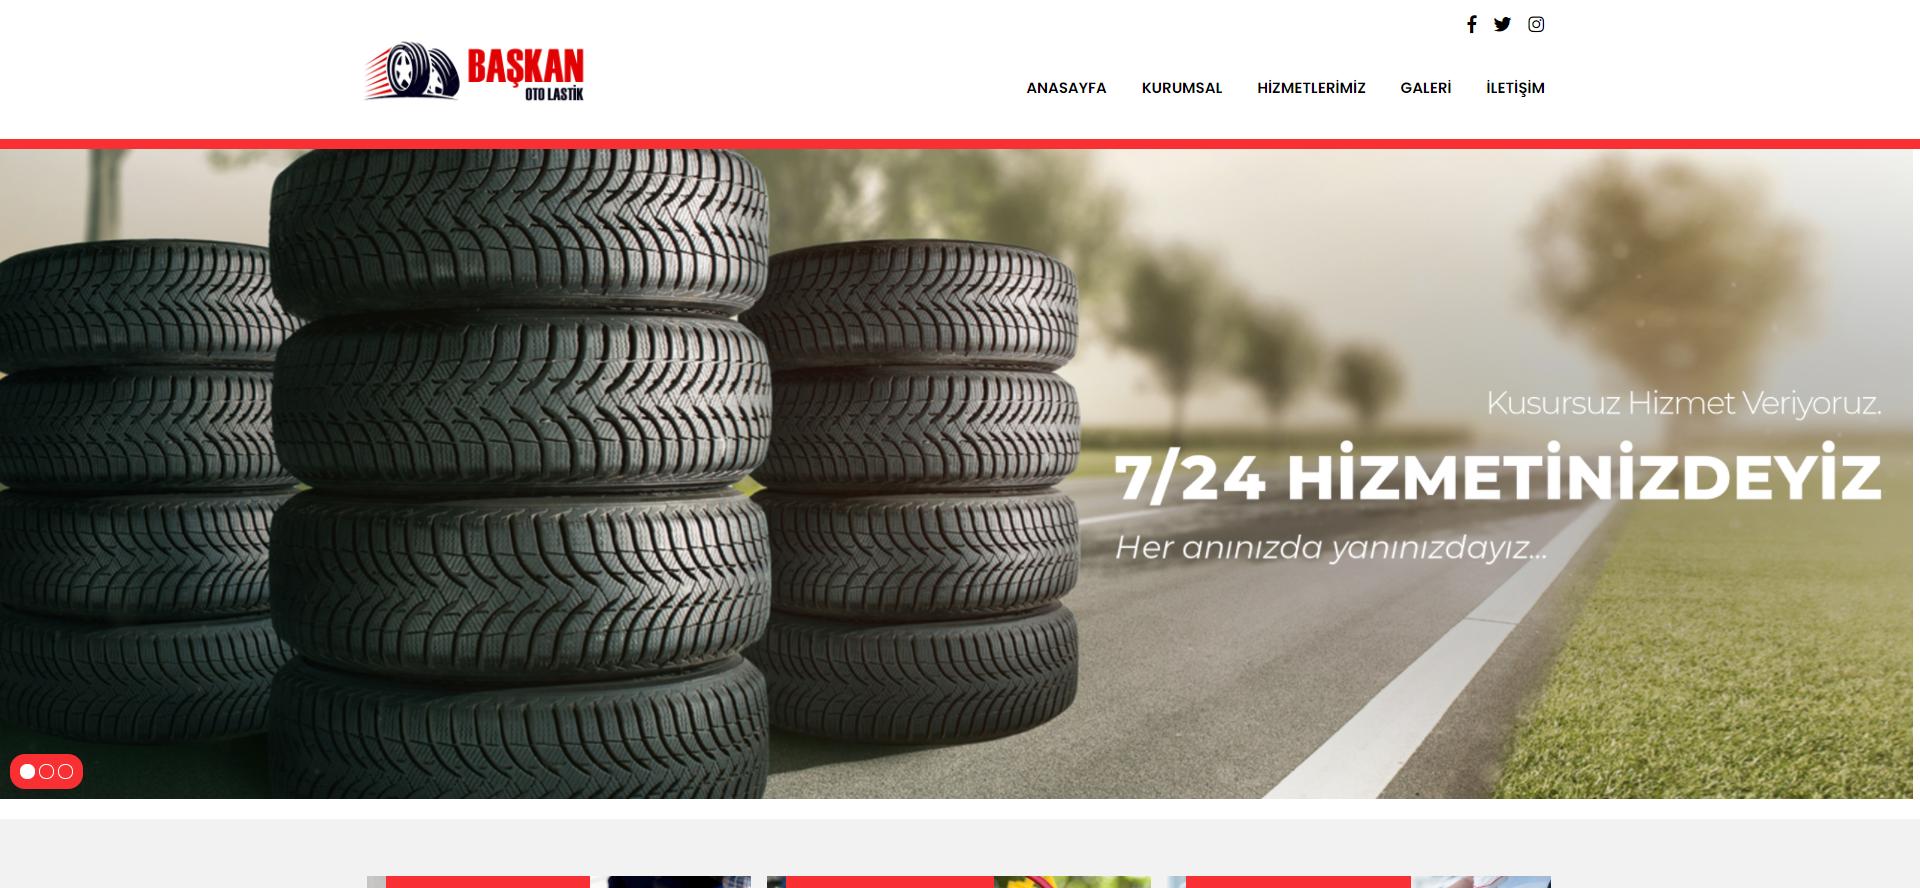 İzmir kurumsal web tasarım - fiyatları